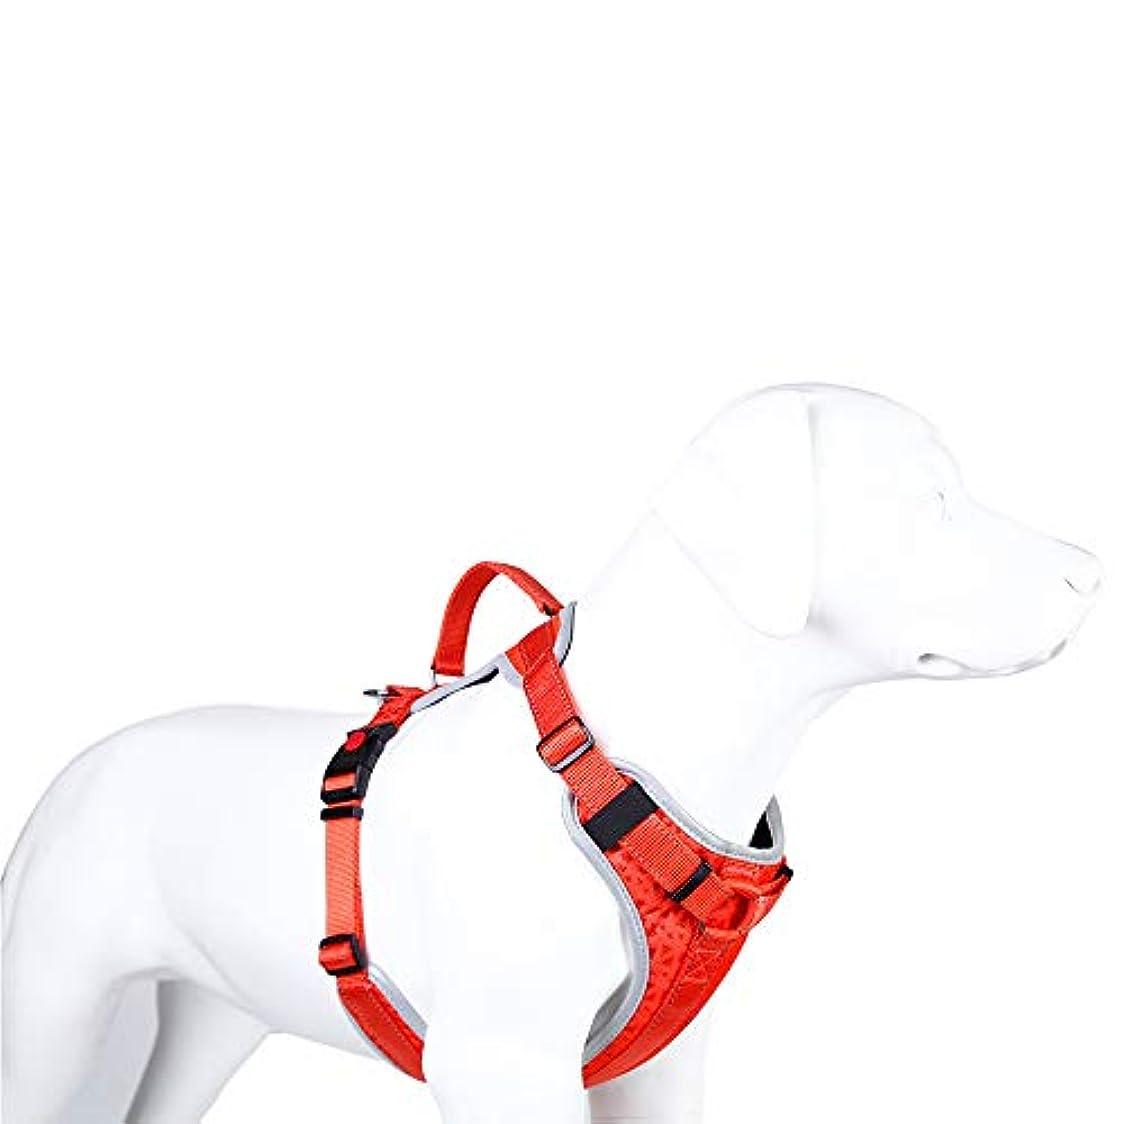 ベース論争氷反射犬用ハーネスペットソフト&快適なベスト、犬用のナイロン調整可能トレーニングハーネス(胸囲70-80cm)